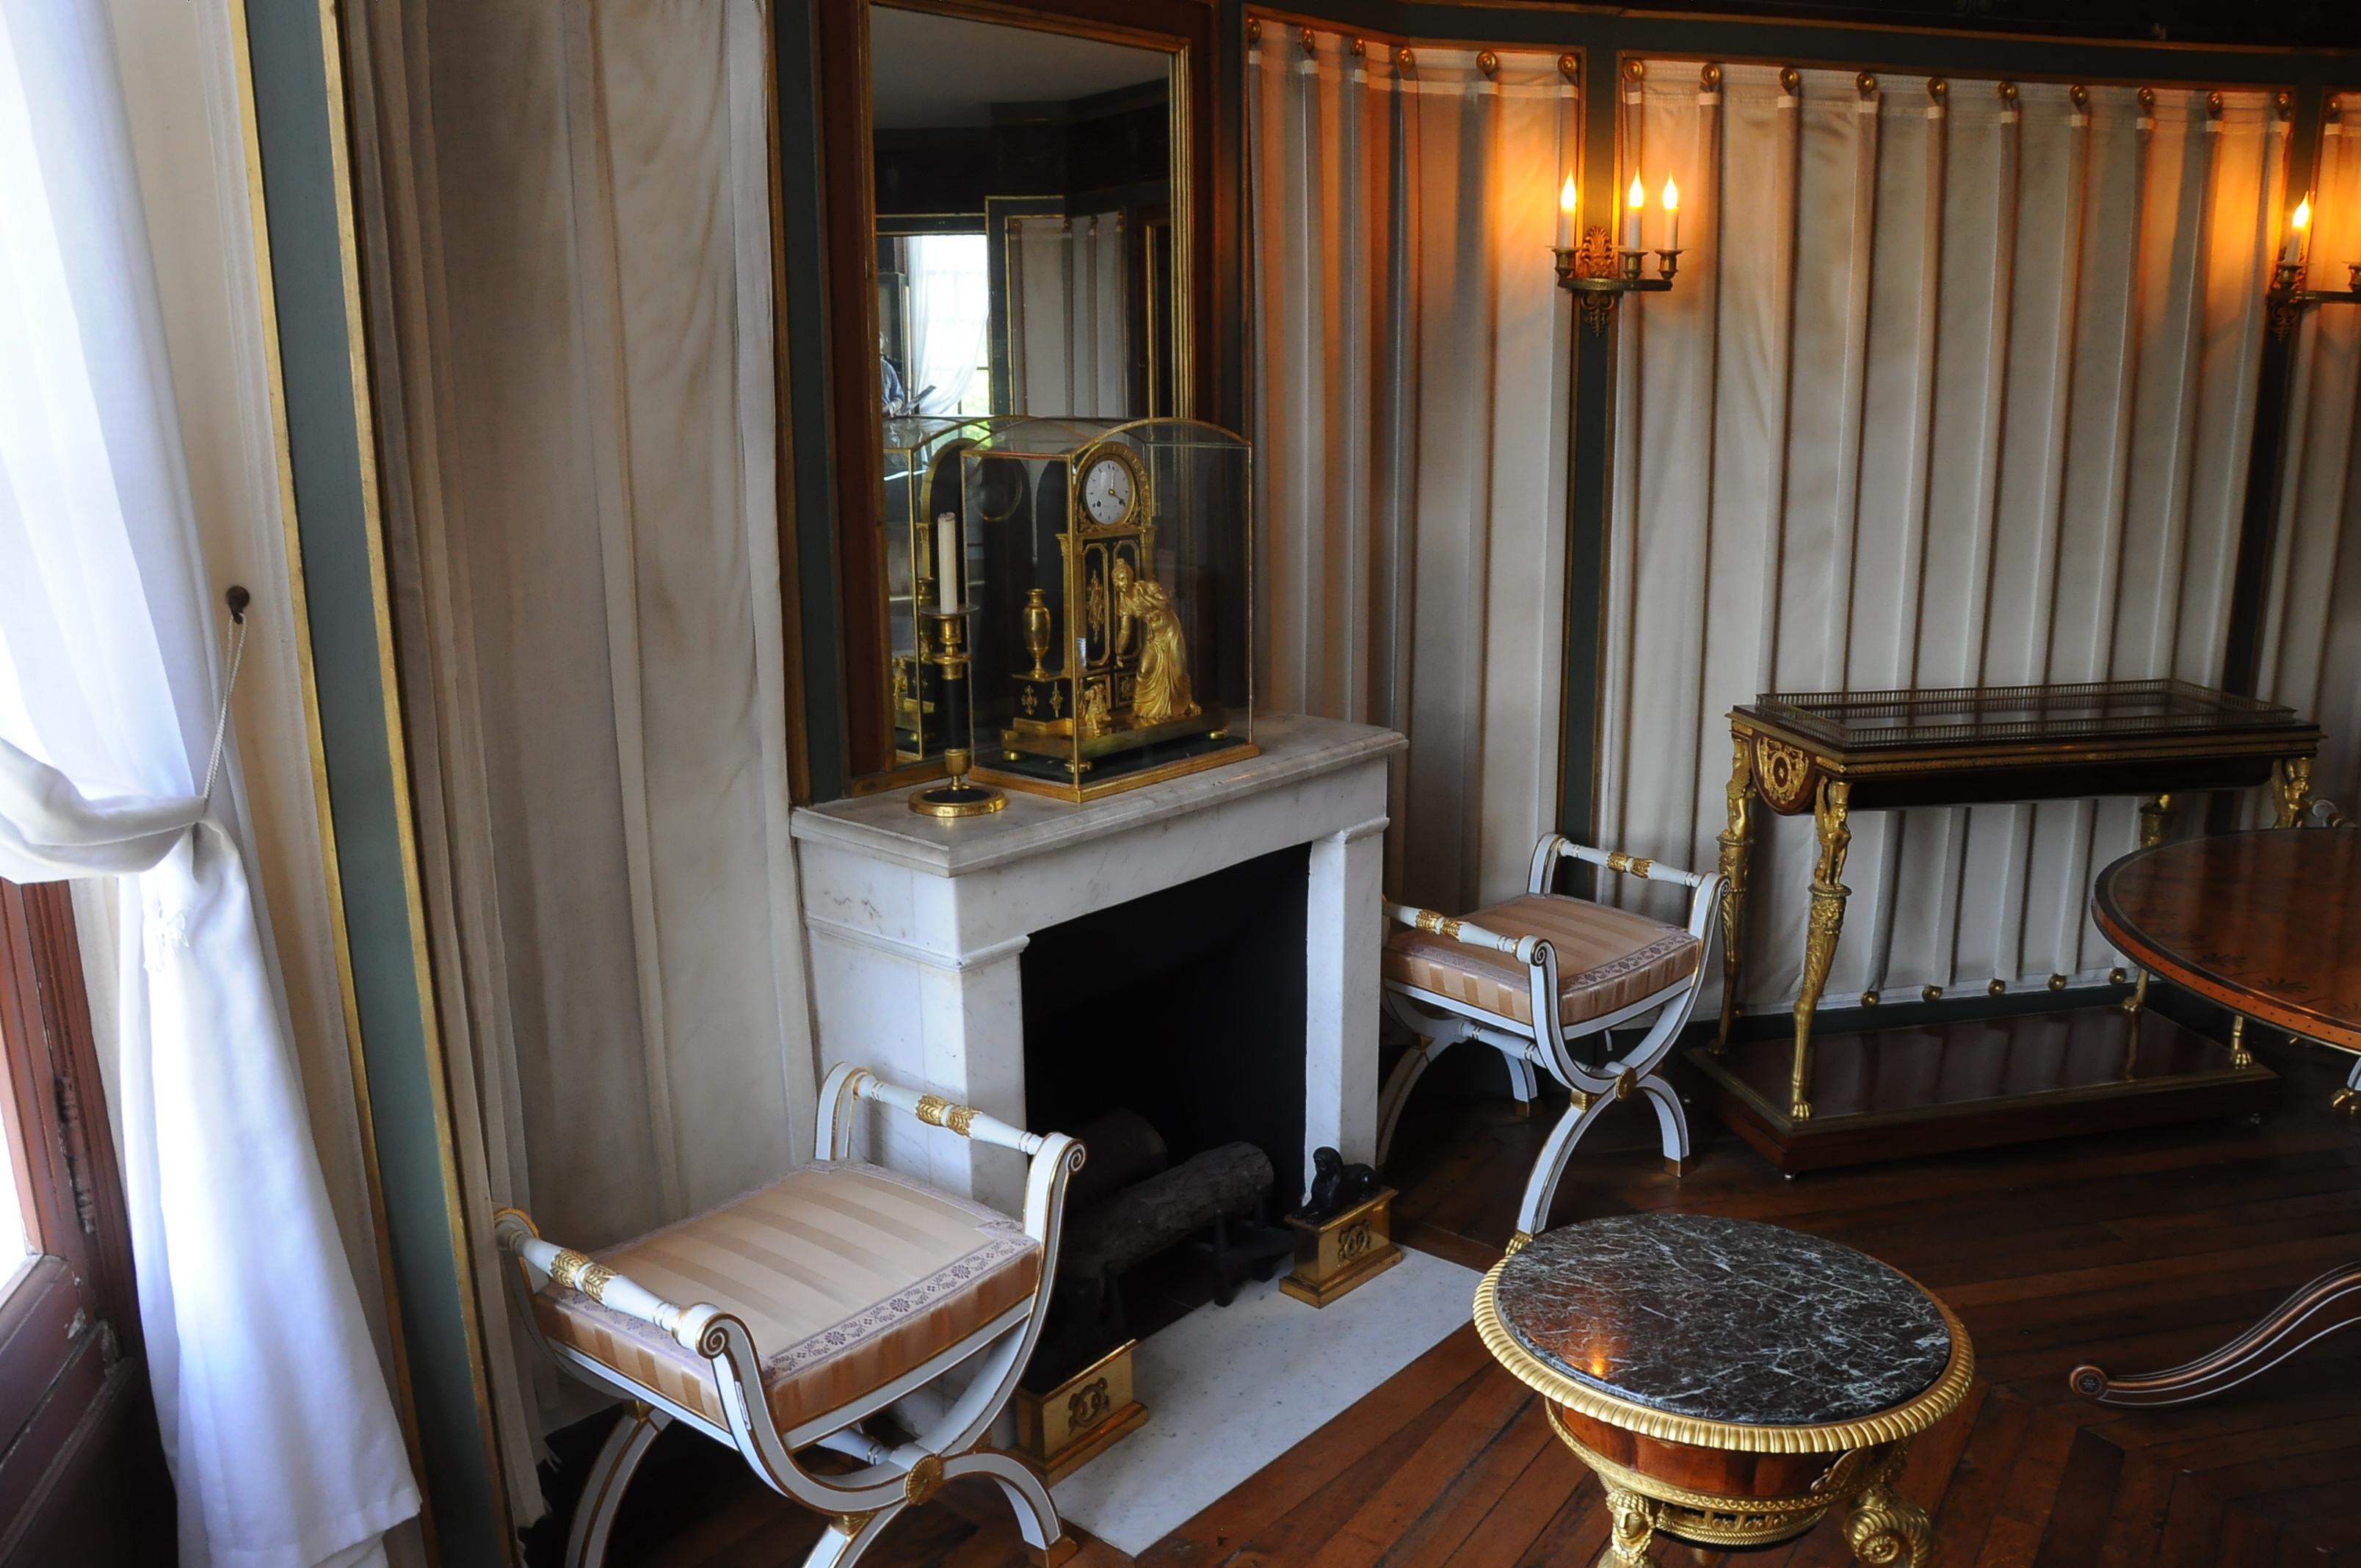 file ch teau de malmaison appartement de jos phine 006. Black Bedroom Furniture Sets. Home Design Ideas